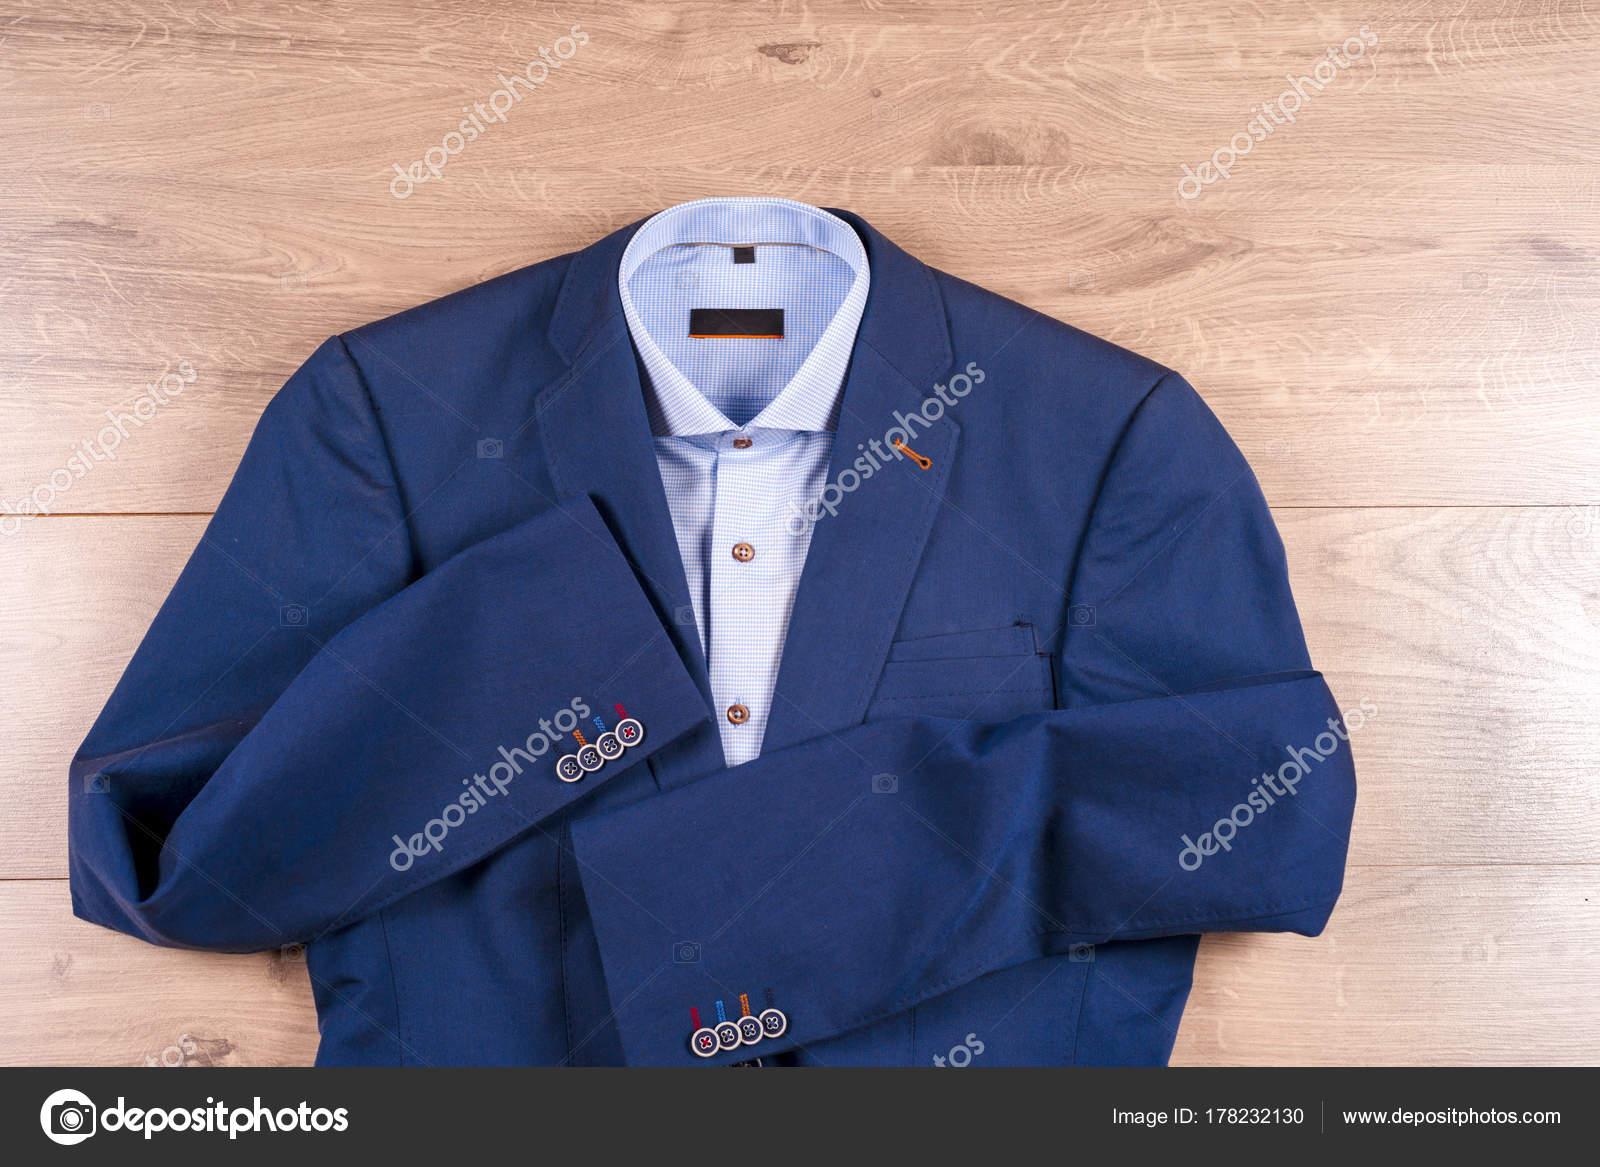 nouveau style 4748b 50d7a Ensemble de vêtements classique mens - costume bleu ...